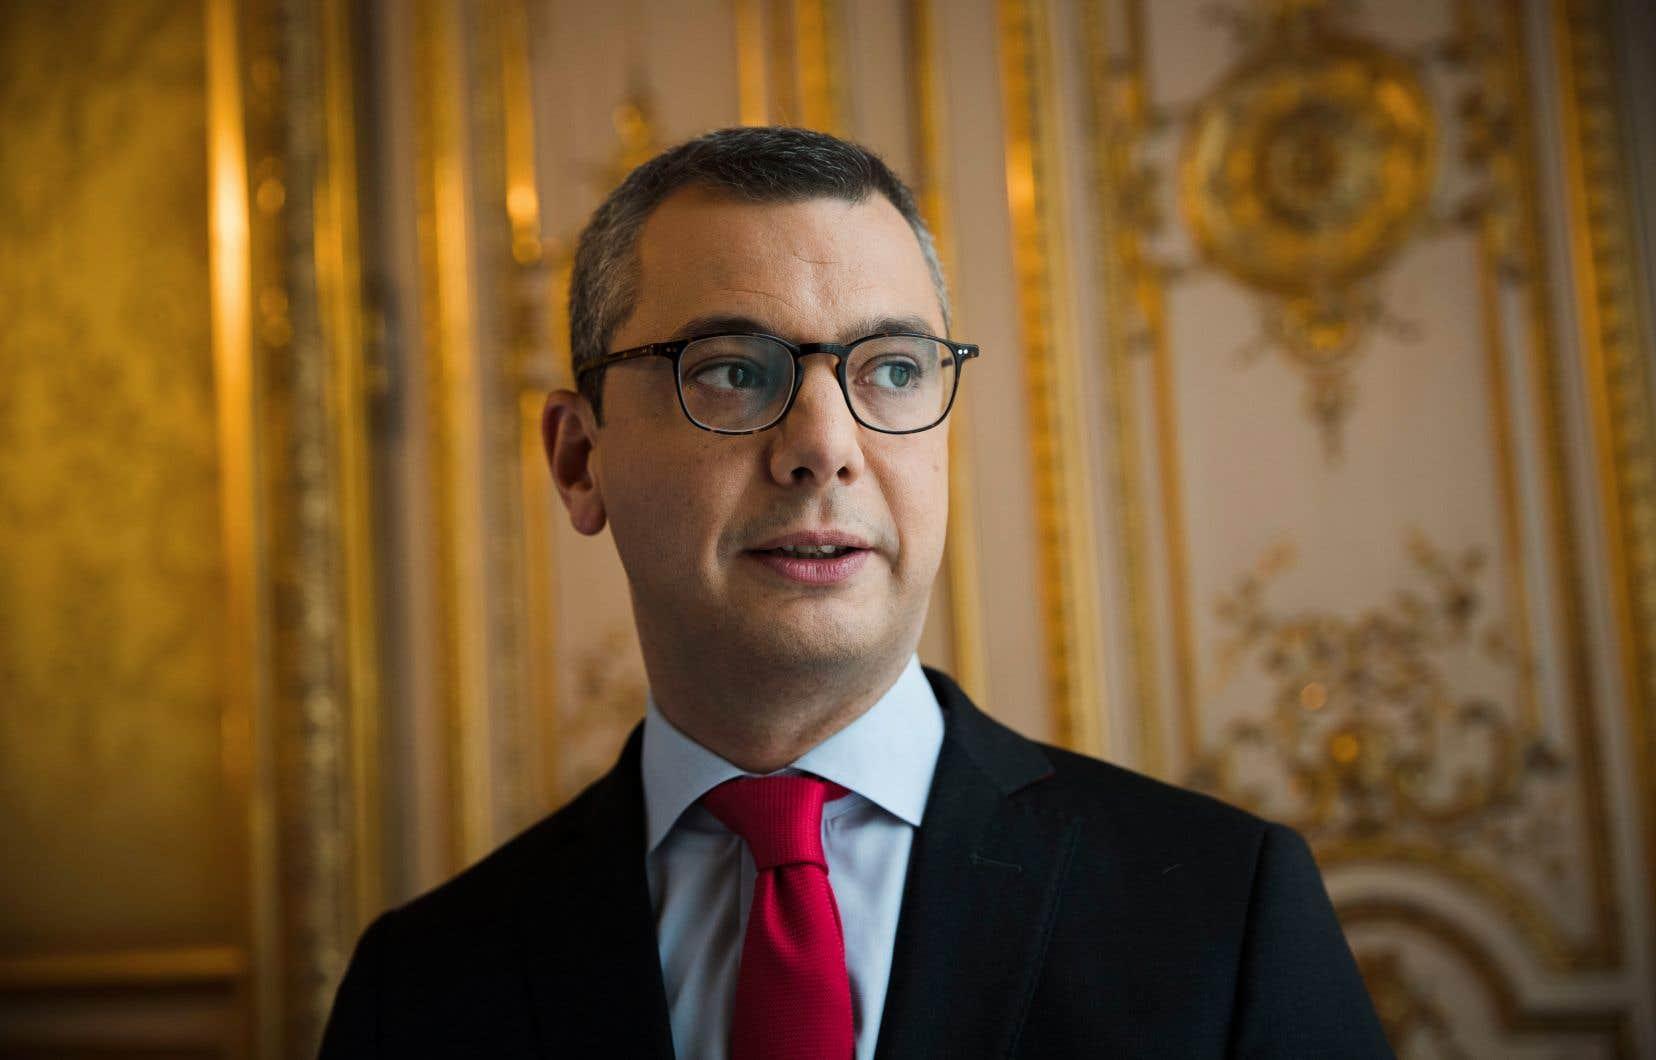 Le secrétaire général de l'Élysée, Alexis Kohler, a déclaré qu'il a «toujours informé sa hiérarchie des situations dans lesquelles il aurait pu se trouver en conflit d'intérêts».